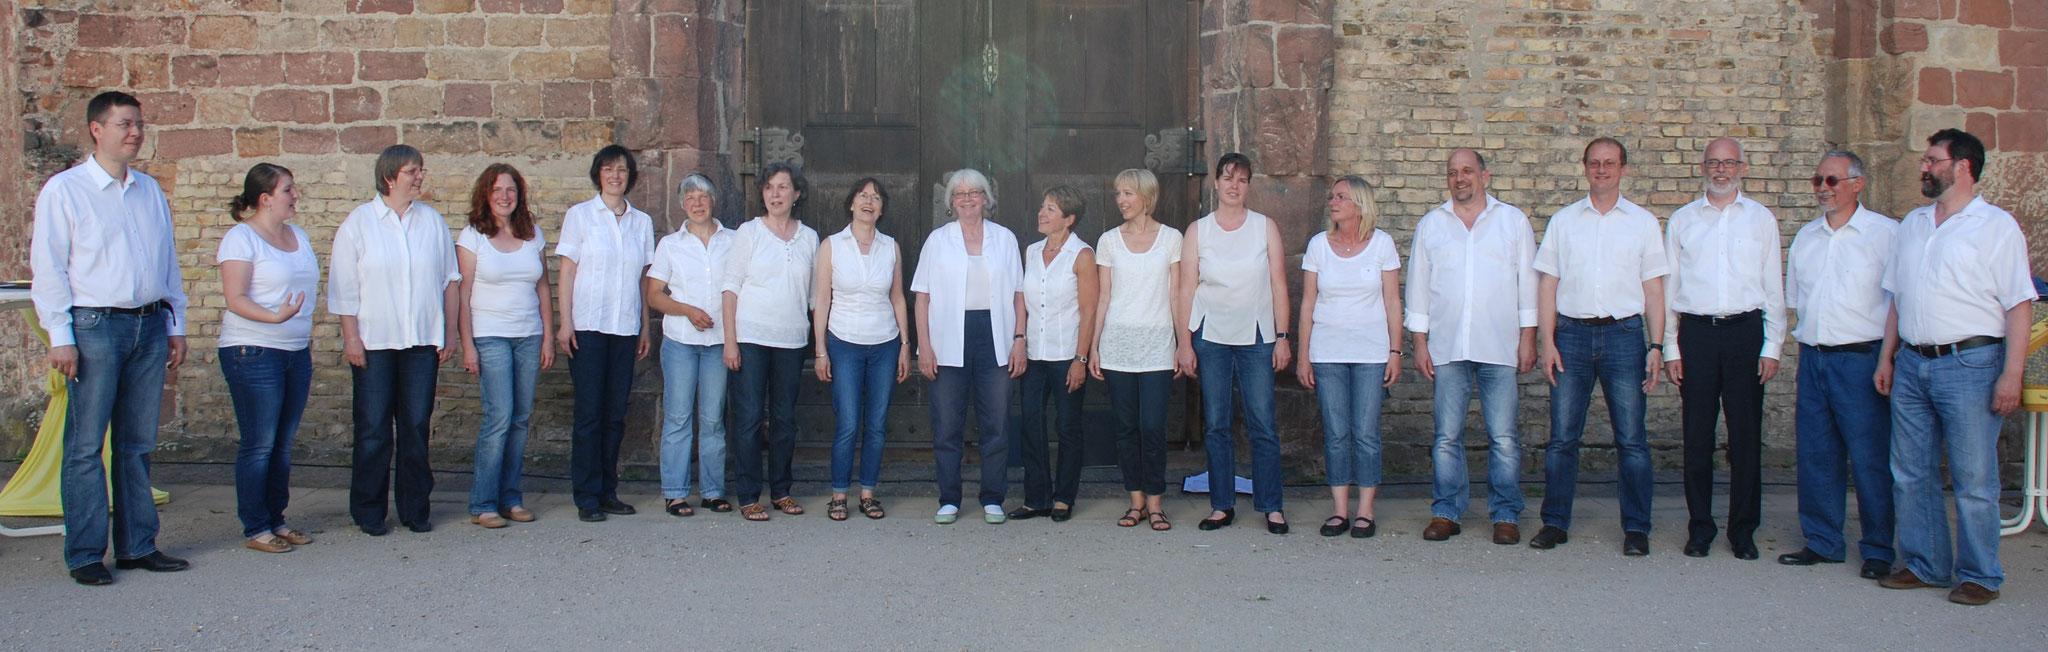 Konzert in der Erkenbertruine in Frankenthal 2013,  Foto: Simon Dirion-Gerdes